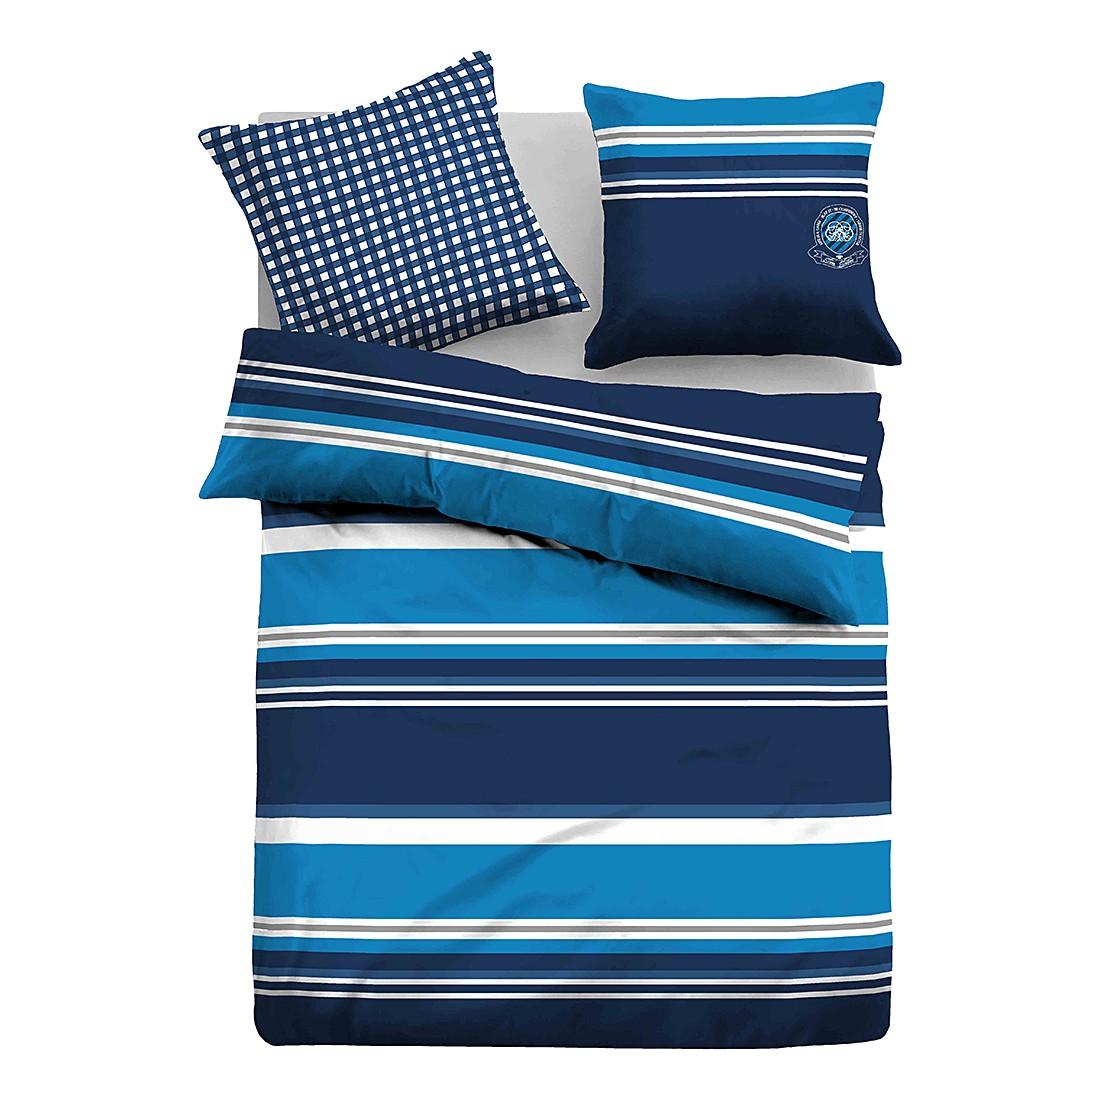 Satin Bettwäsche Querstreifen – Hellblau / Dunkelblau – 155 x 220 cm + Kissen 80 x 80 cm, Tom Tailor günstig